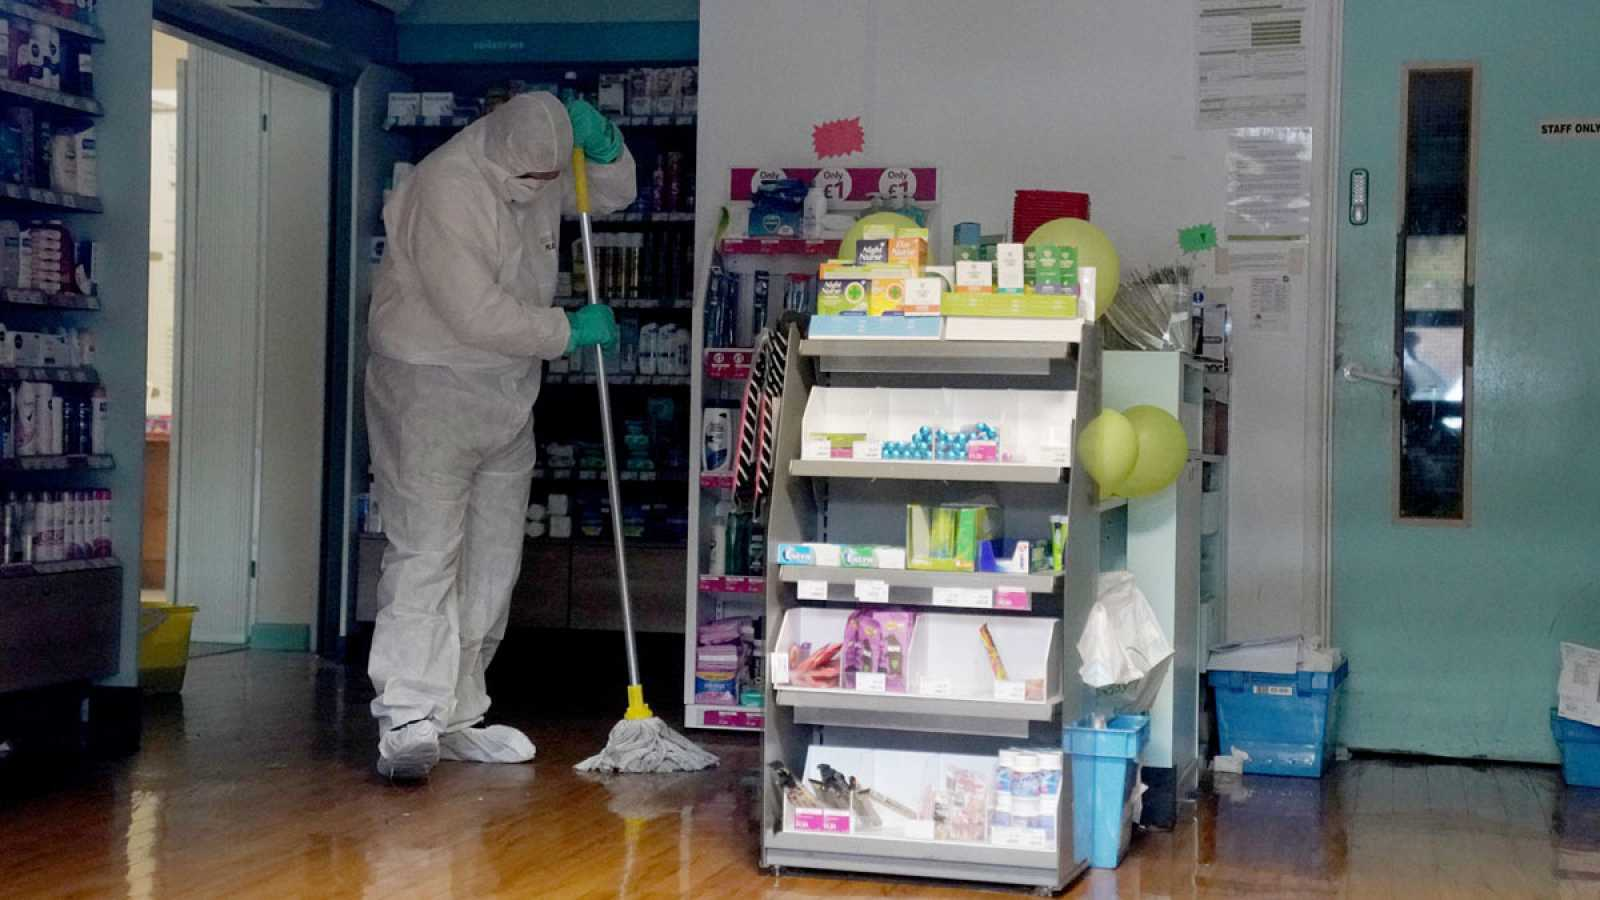 Un trabajador con traje protector limpia el centro médico, cerrado temporalmente en Brighton por coronavirus.